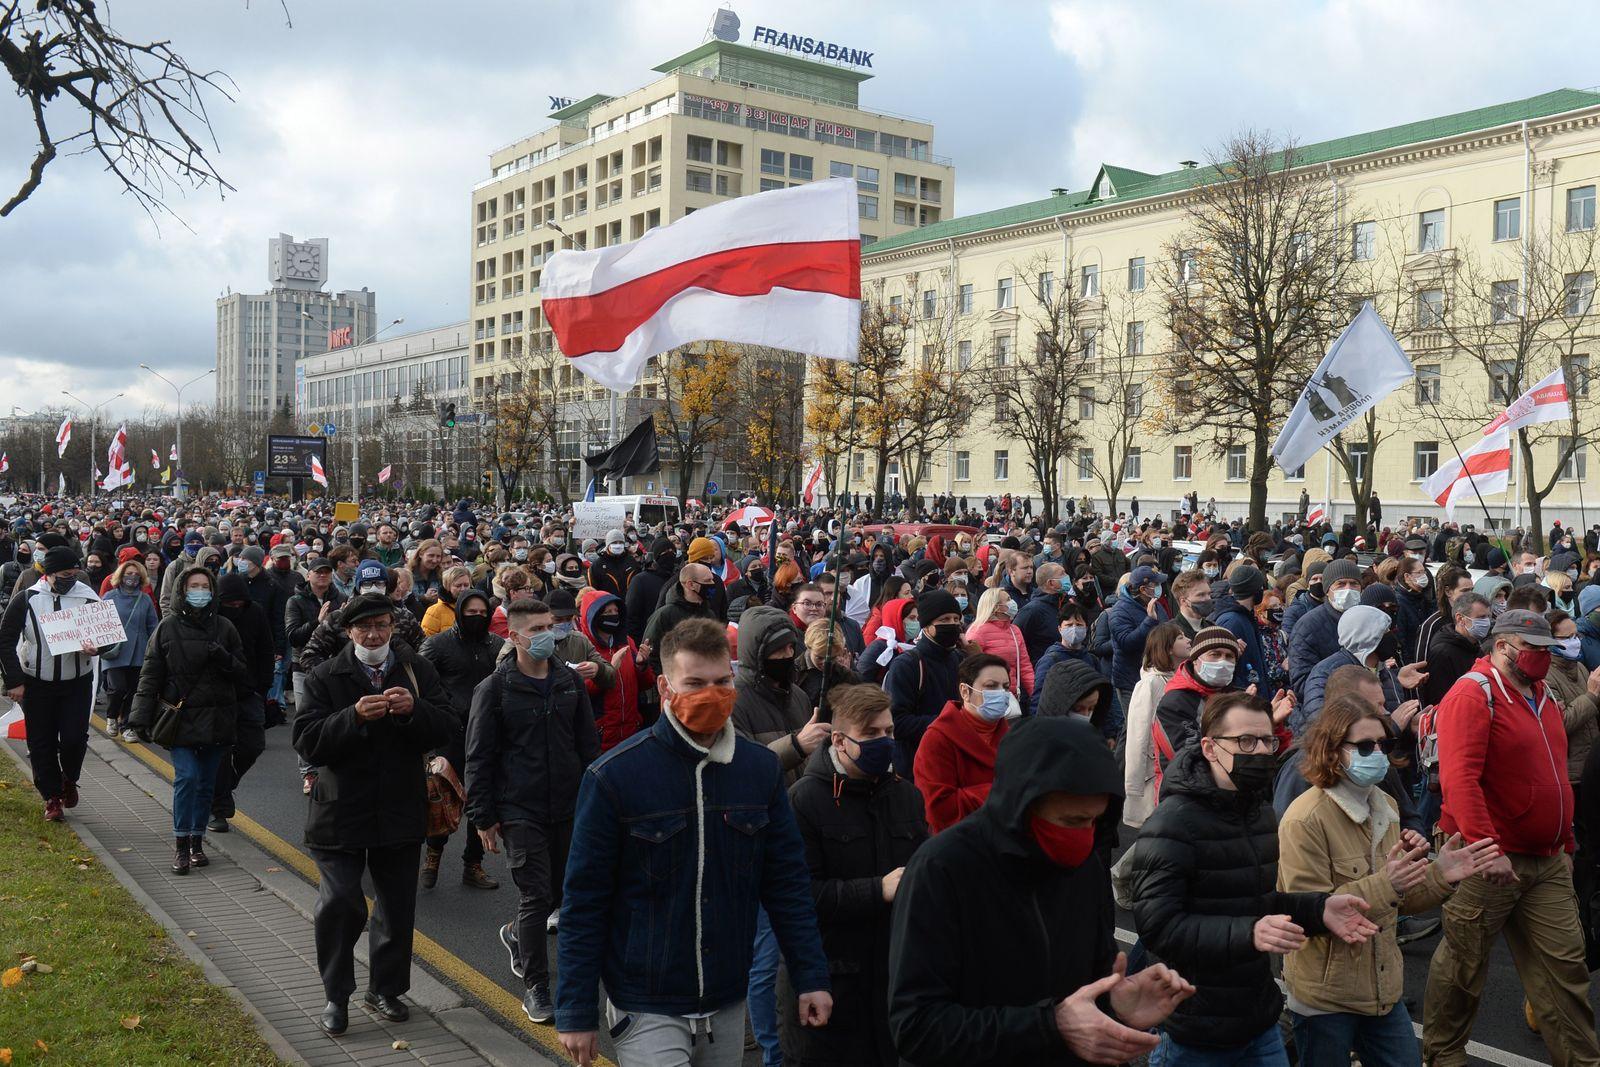 Anti-government protest in Minsk, Belarus - 01 Nov 2020